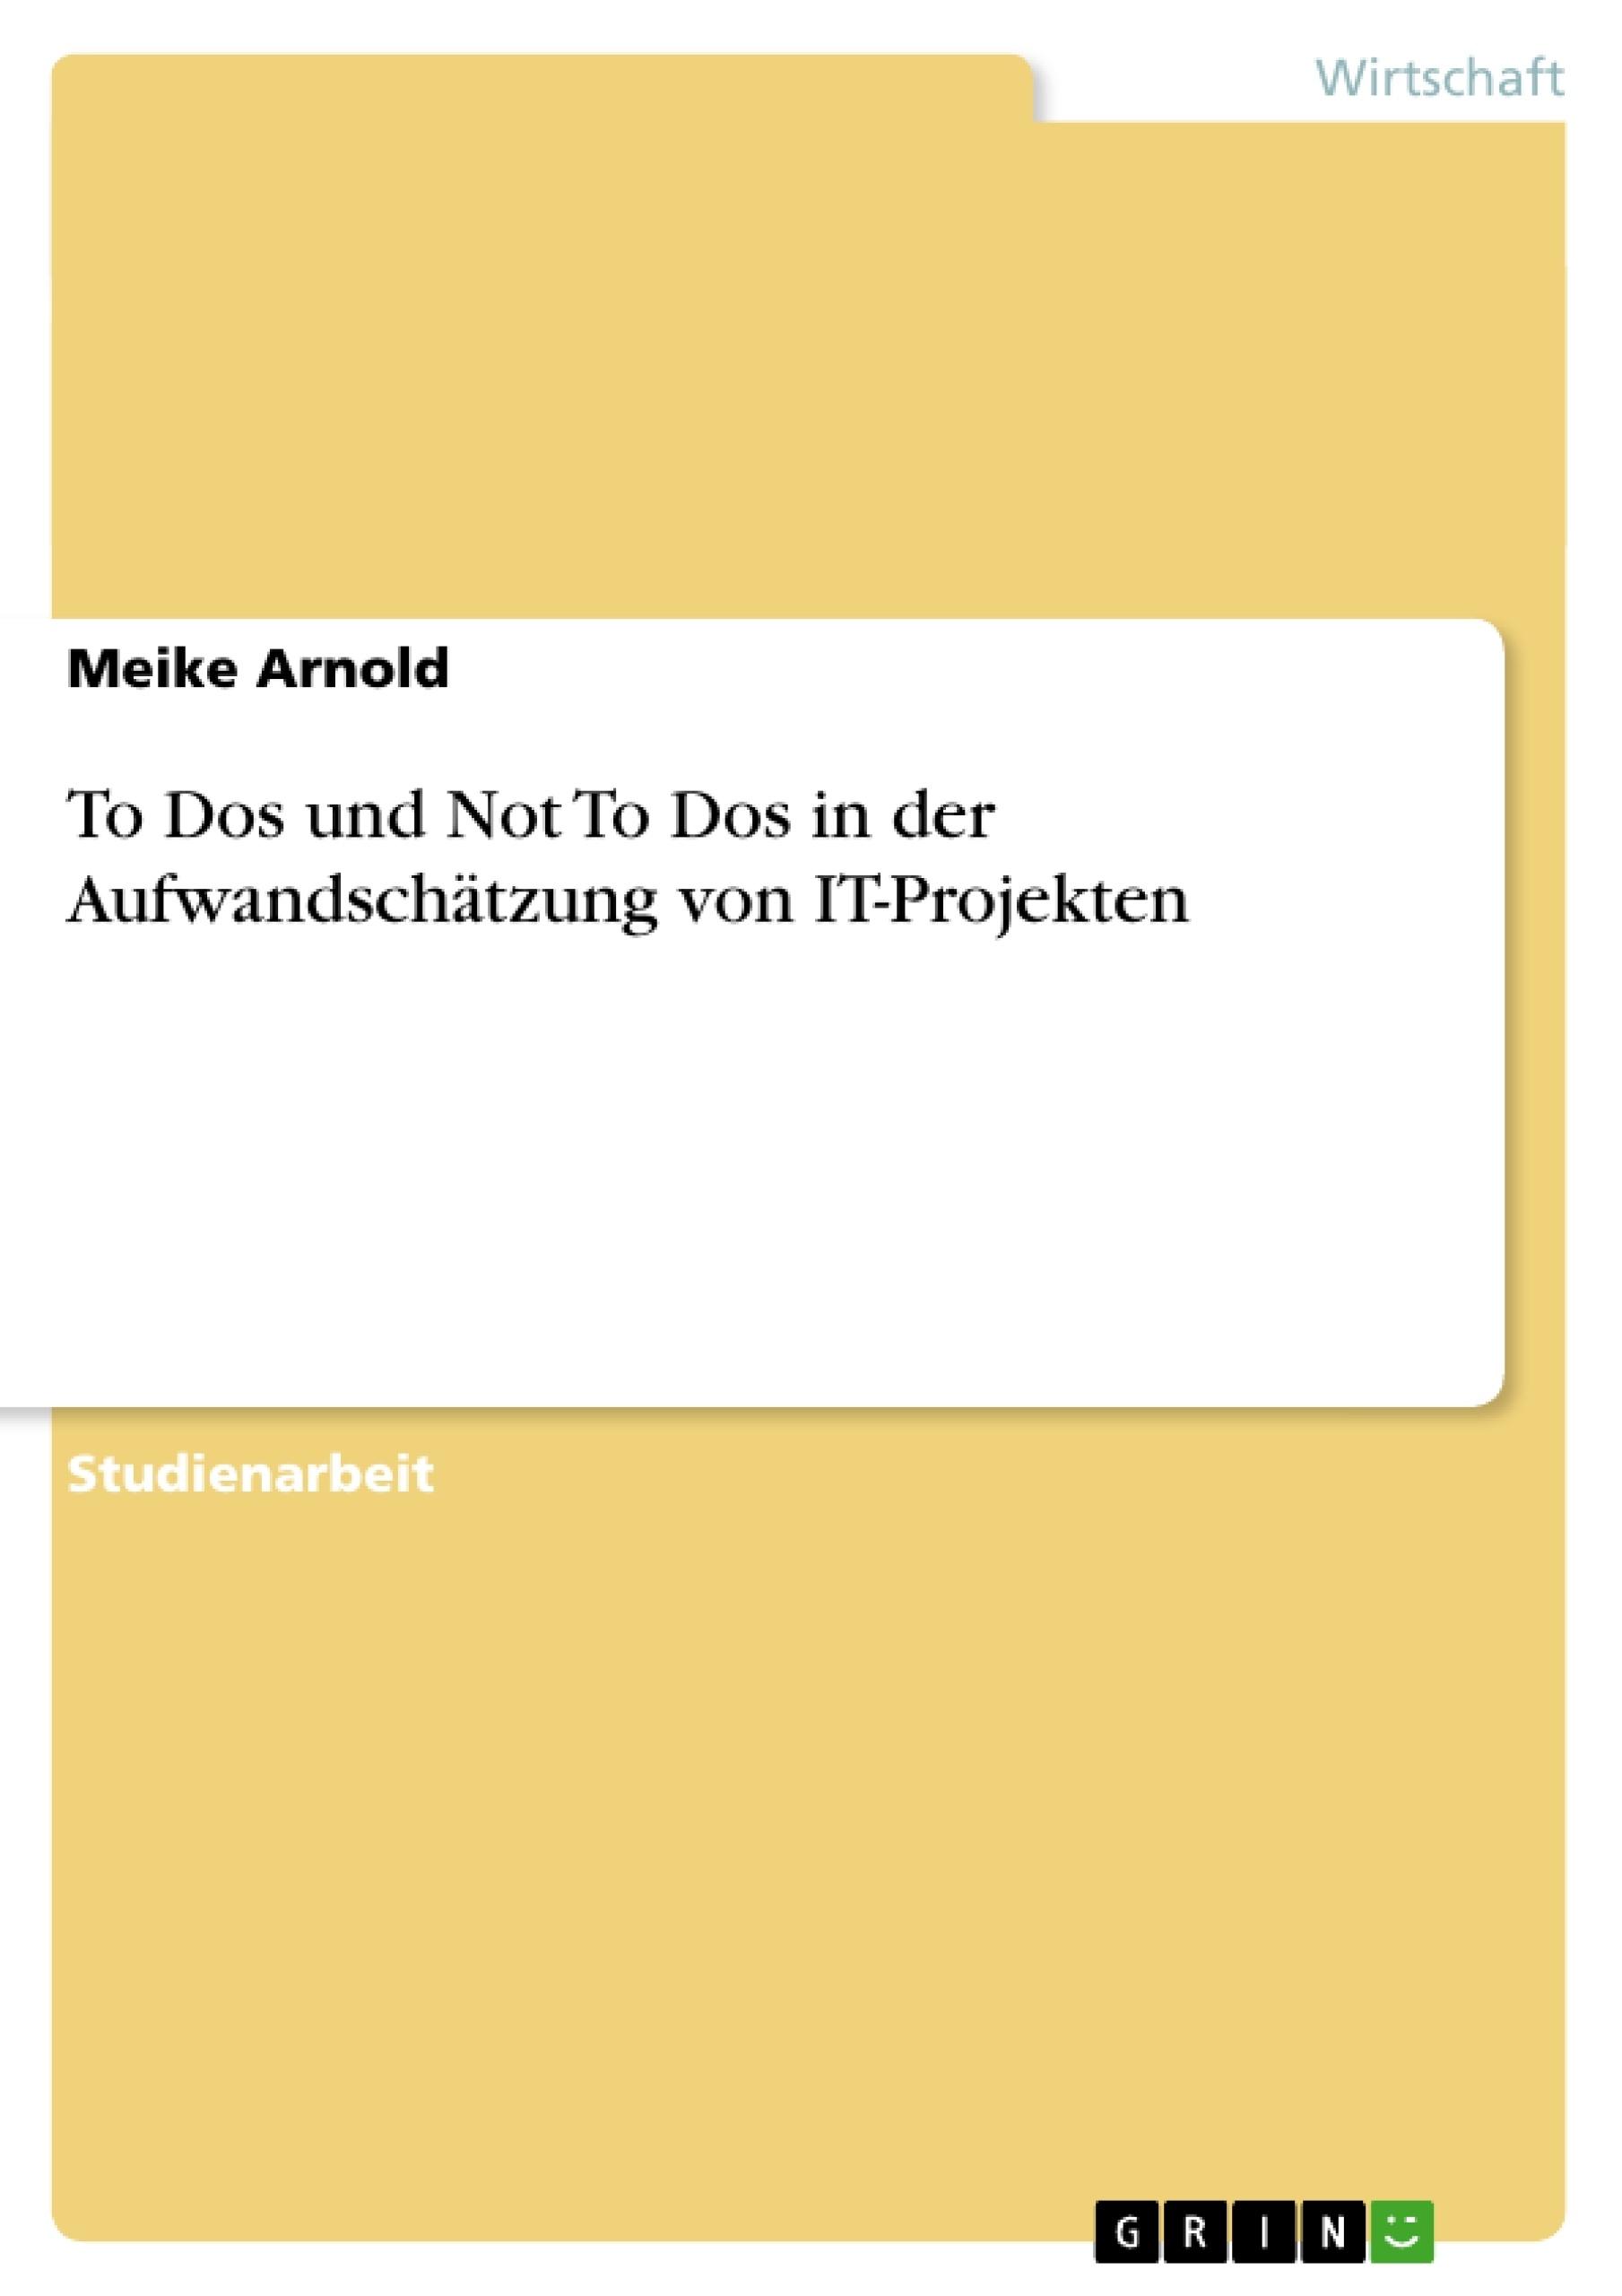 Titel: To Dos und Not To Dos in der Aufwandschätzung von IT-Projekten